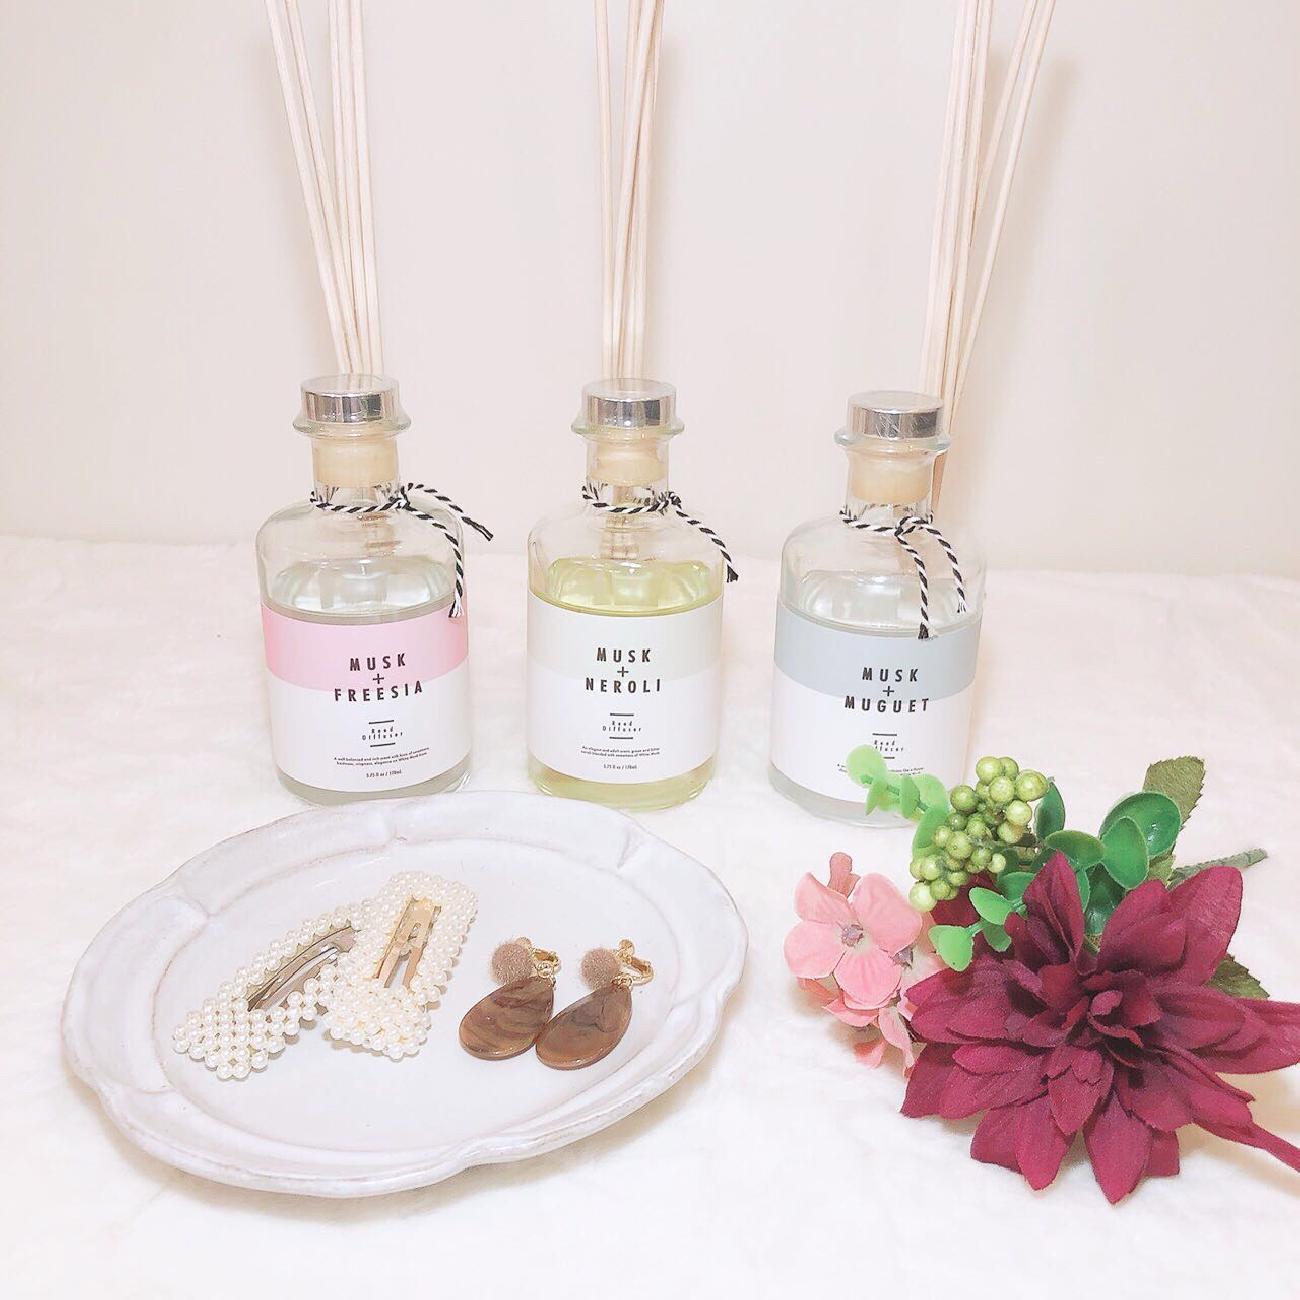 ルームスプレー/フレグランス/ディフューザー/いい香り/香りのある暮らし